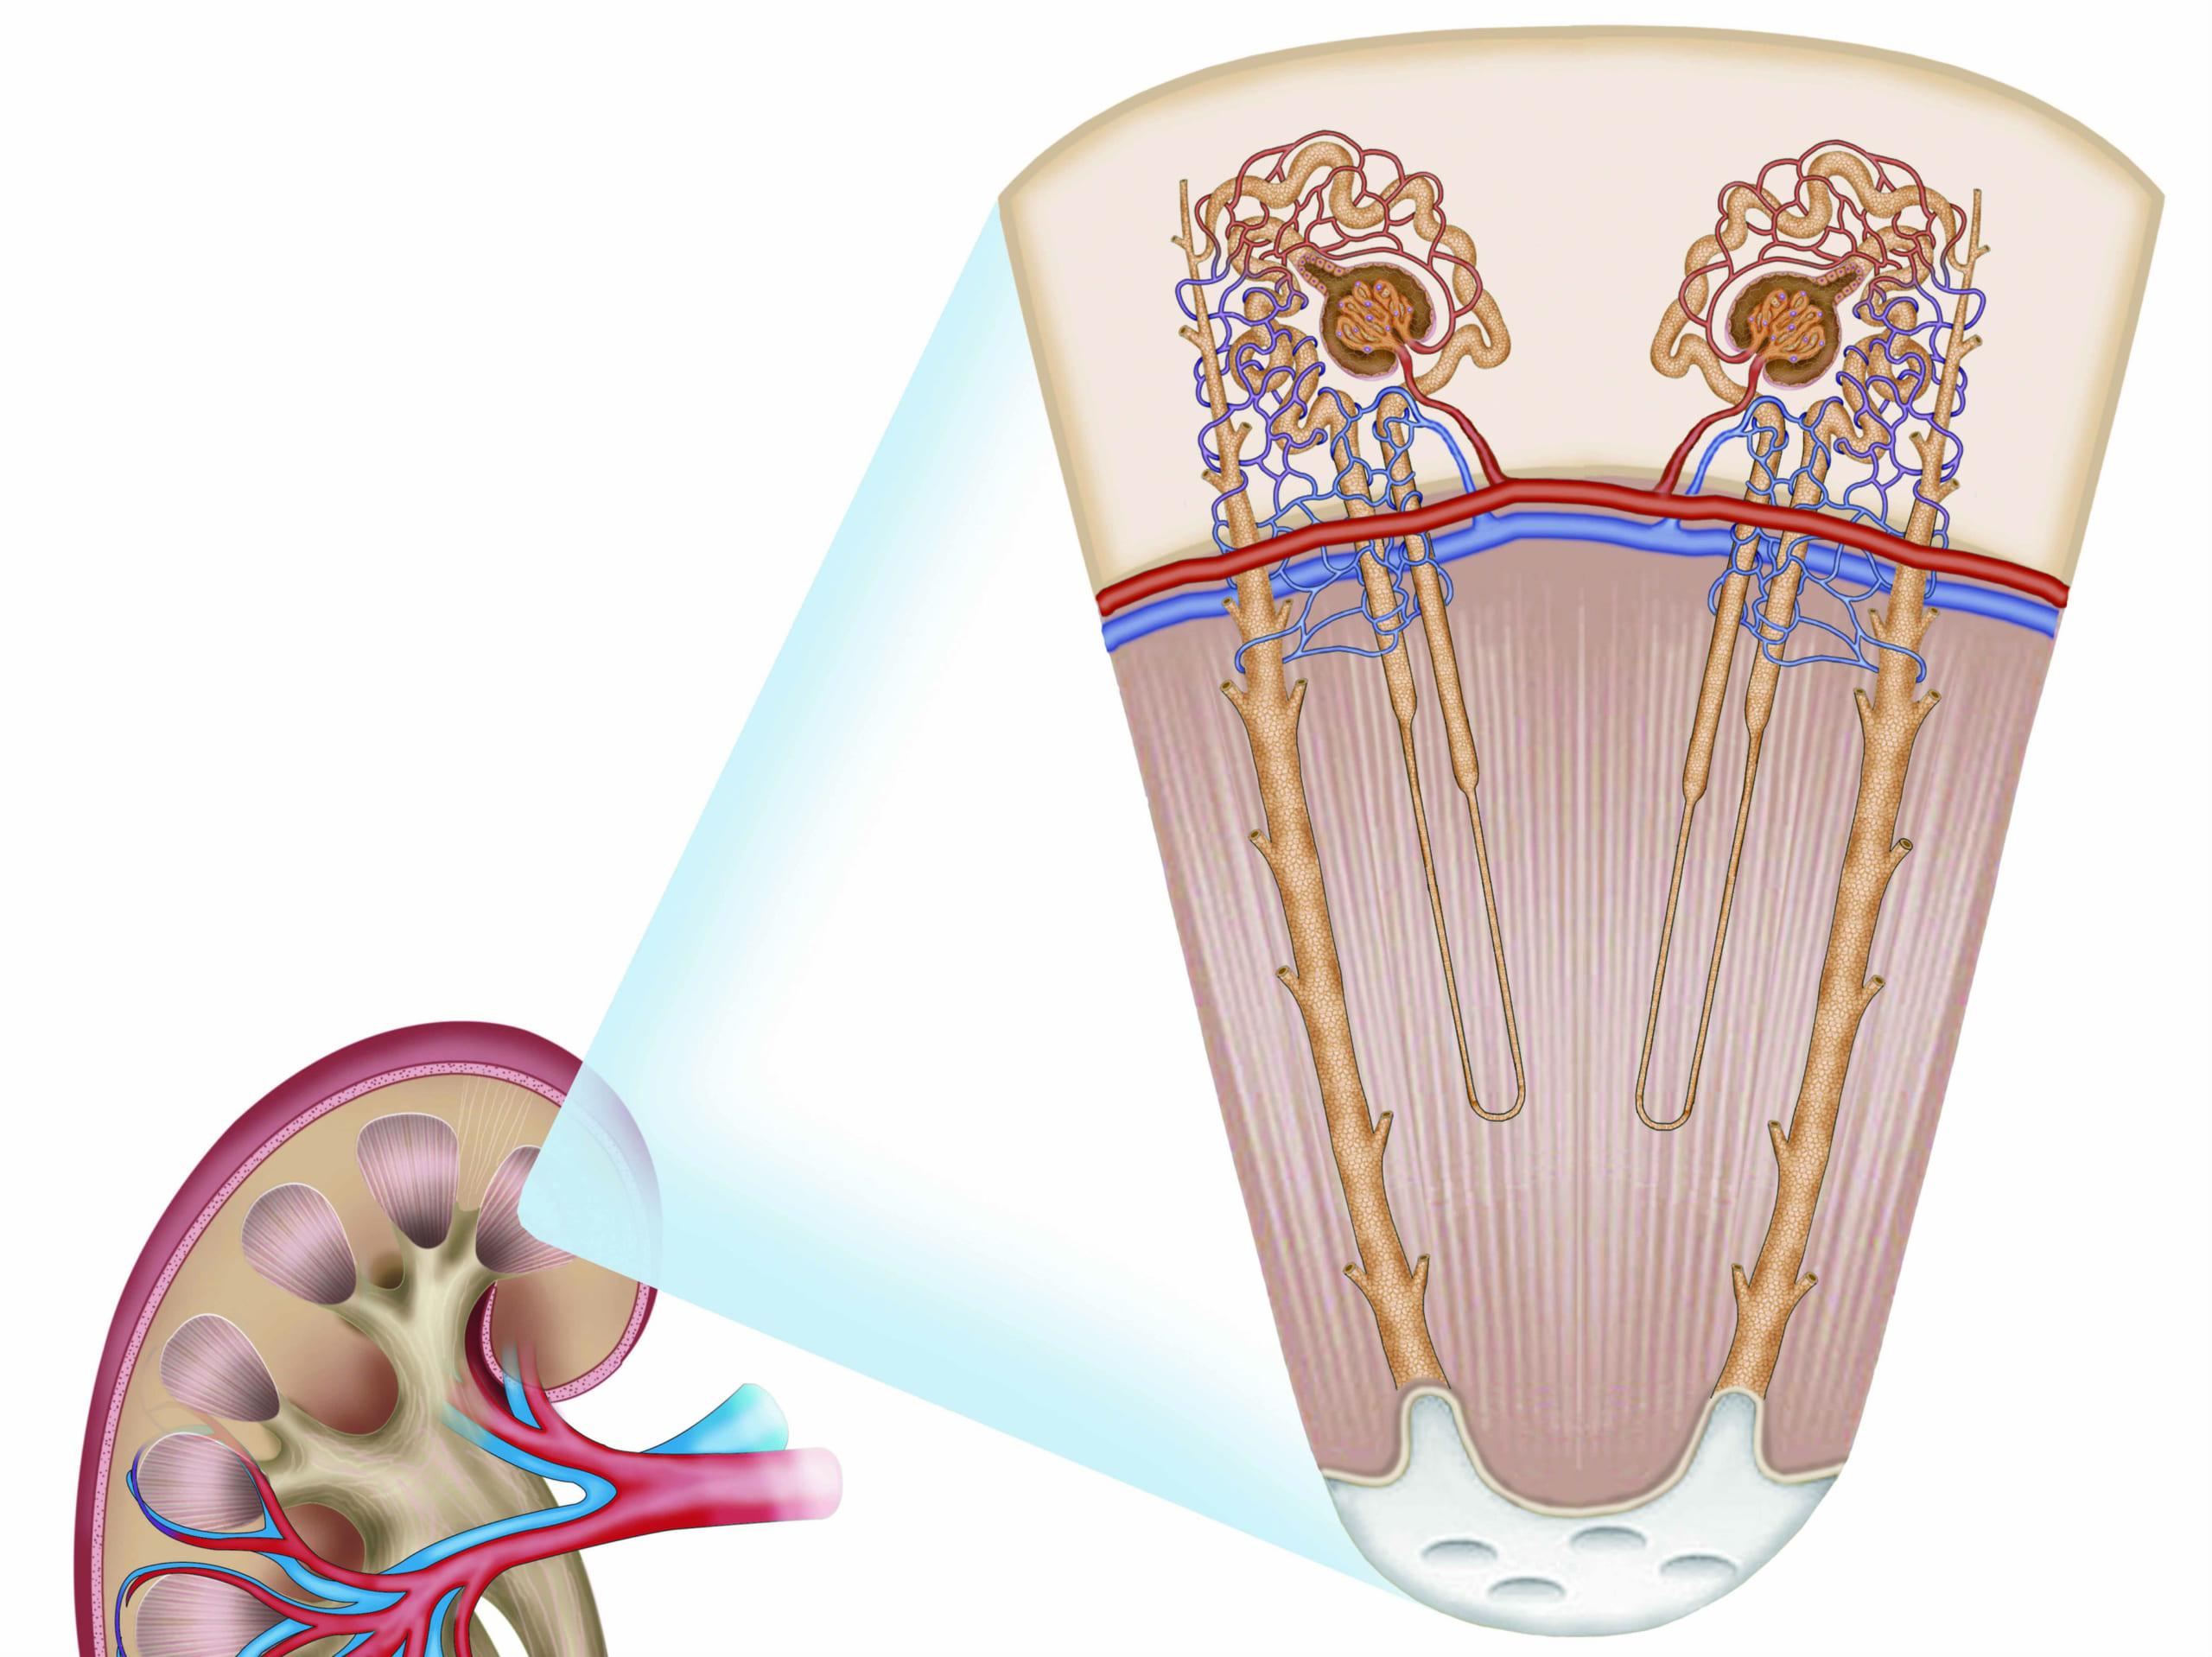 黄褐色の尿は内臓疾患の可能性大